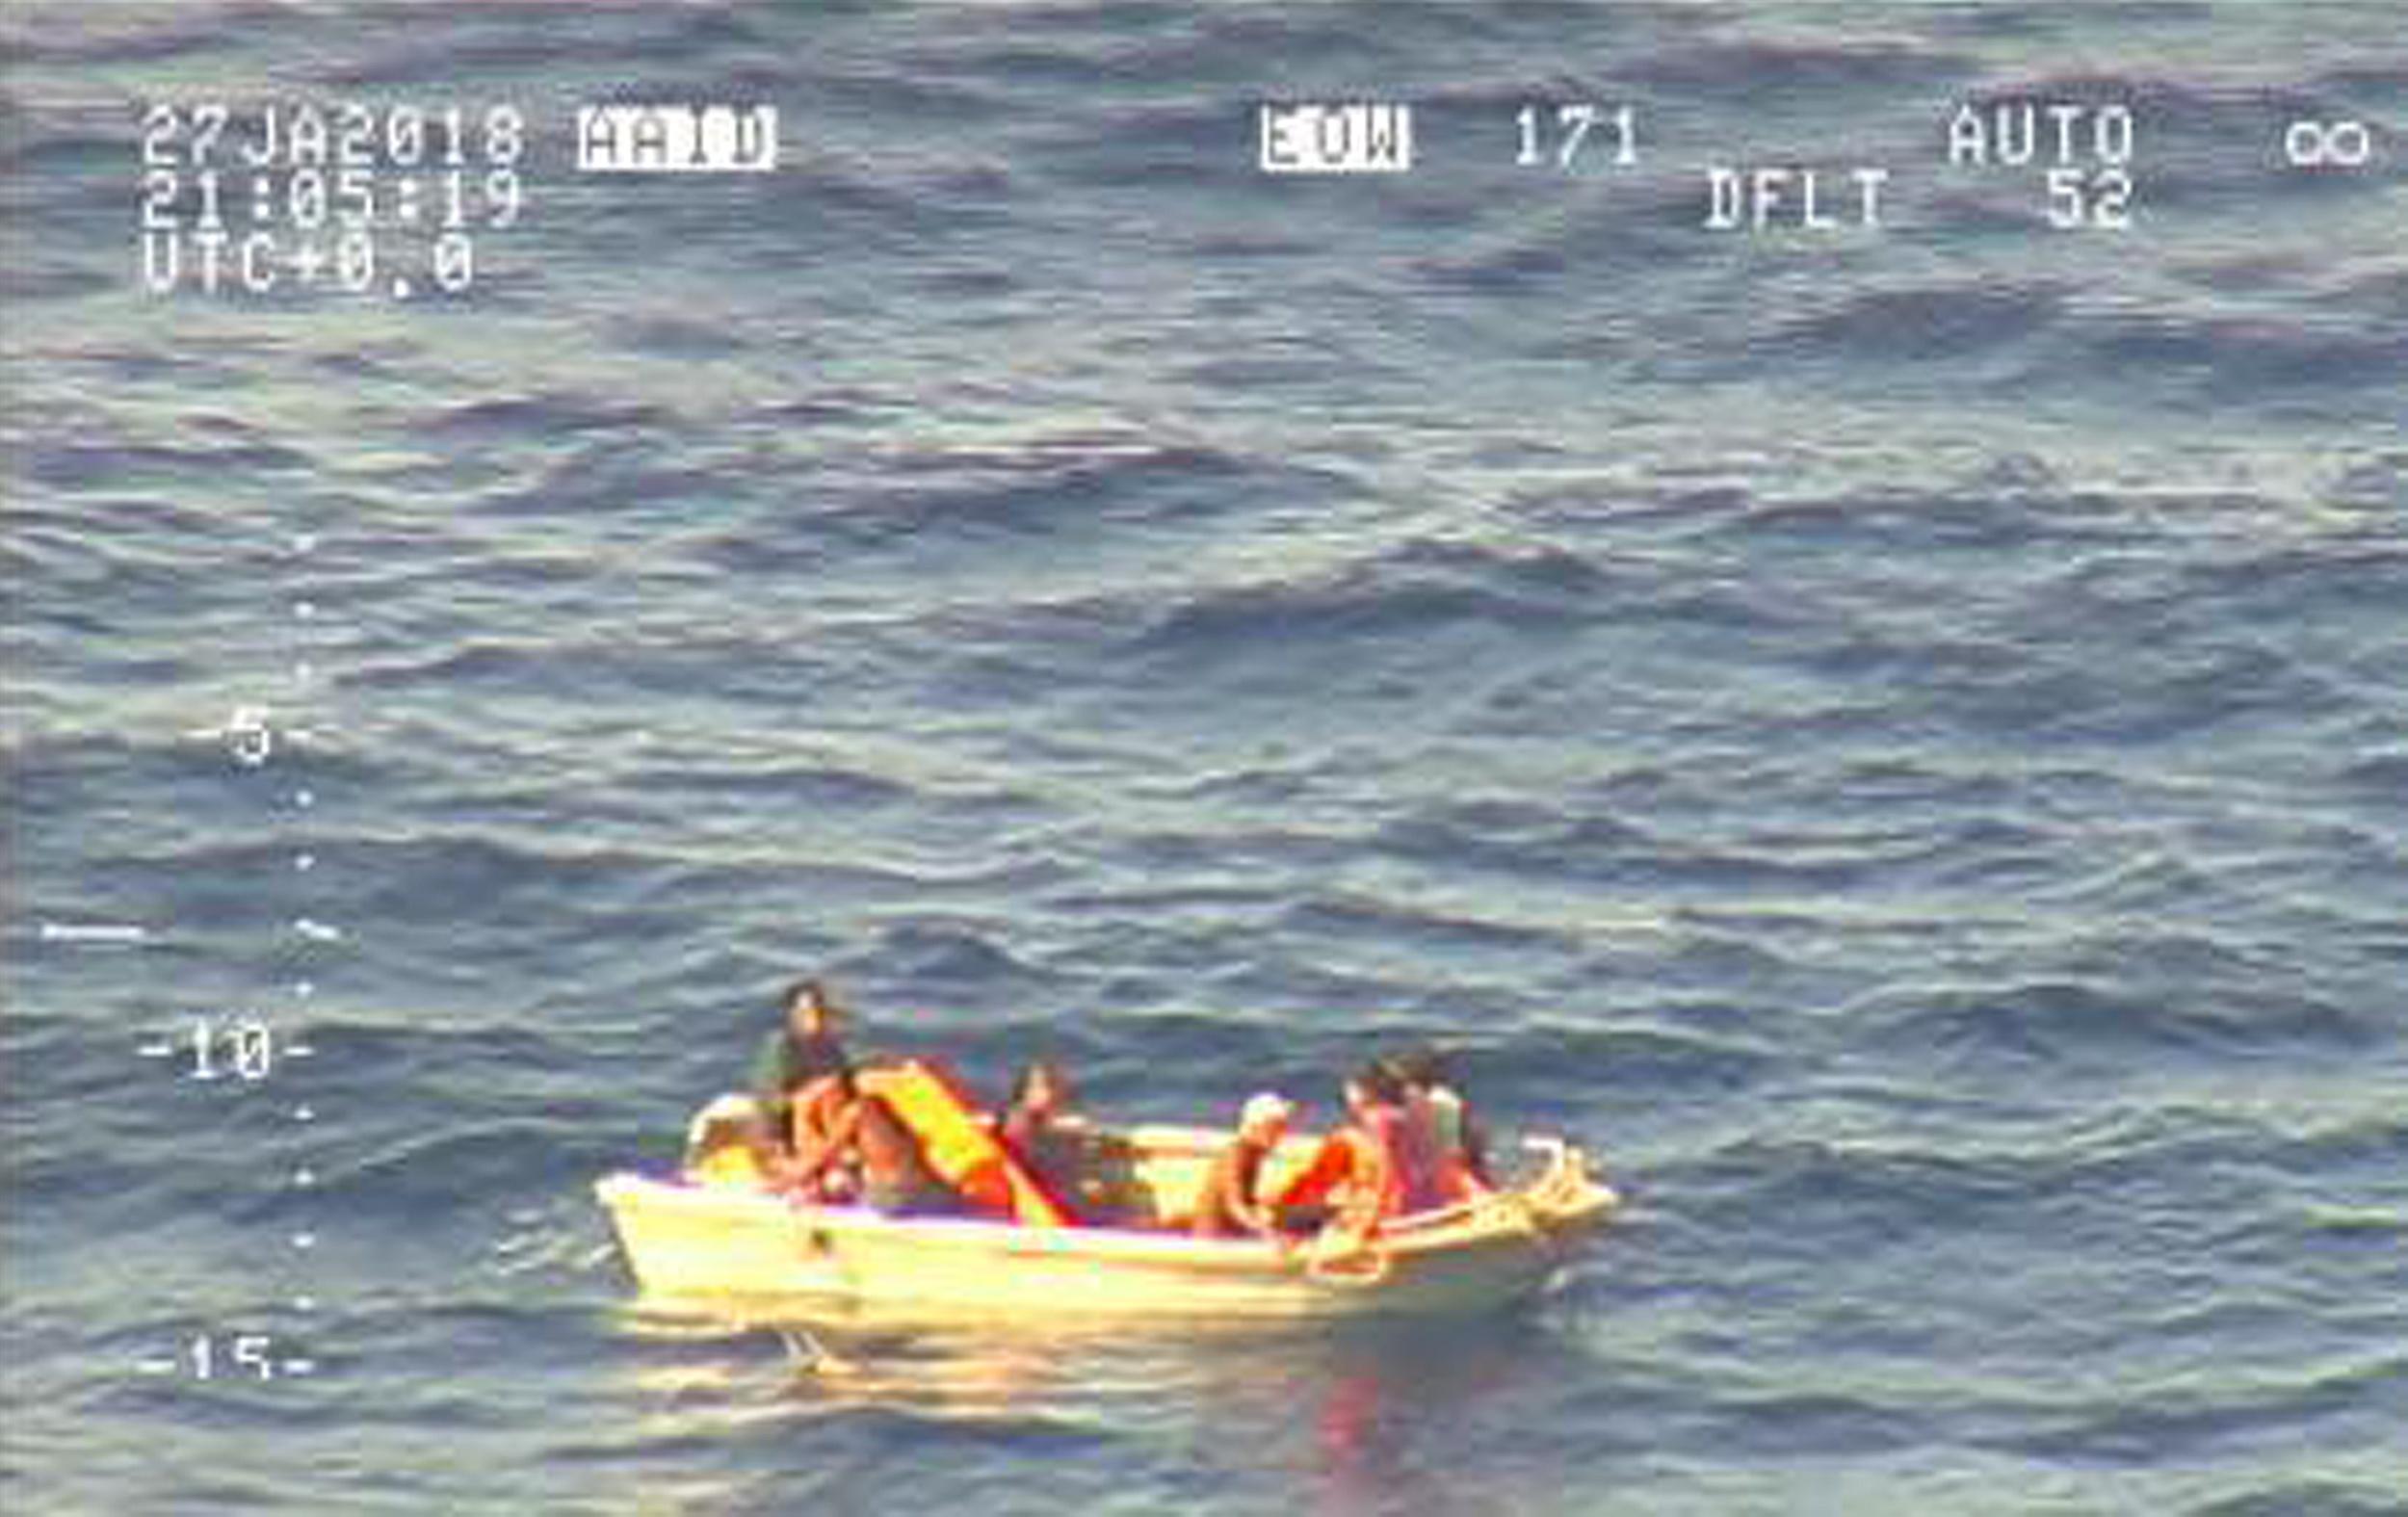 Több napja hánykolódtak a Csendes-óceán közepén egy mentőcsónakban, mire megtalálták őket